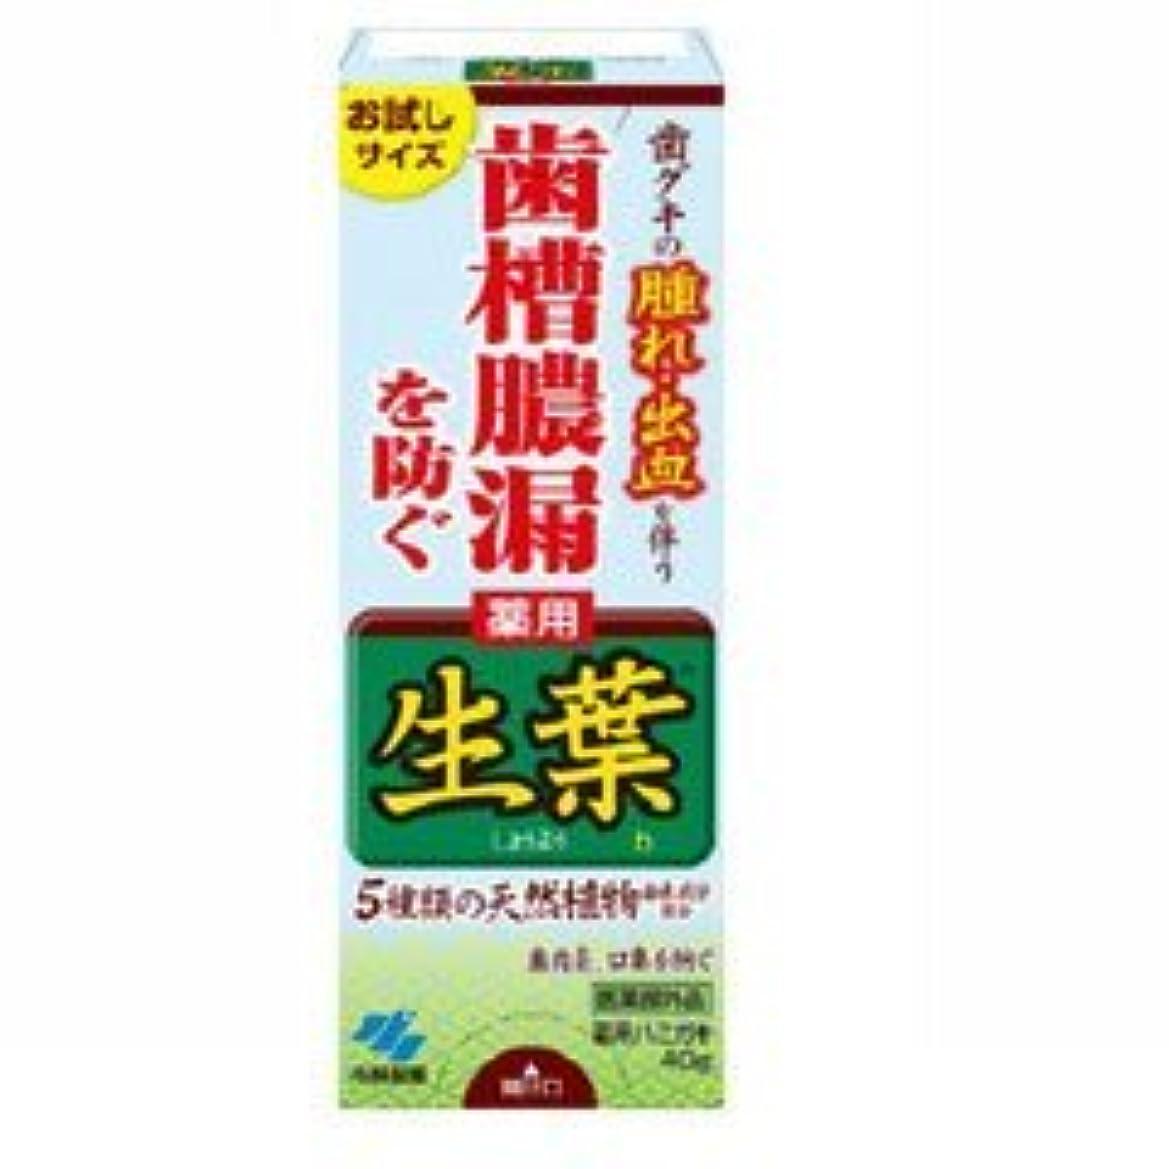 犬メロン広範囲に【小林製薬】生葉 お試しサイズ 40g